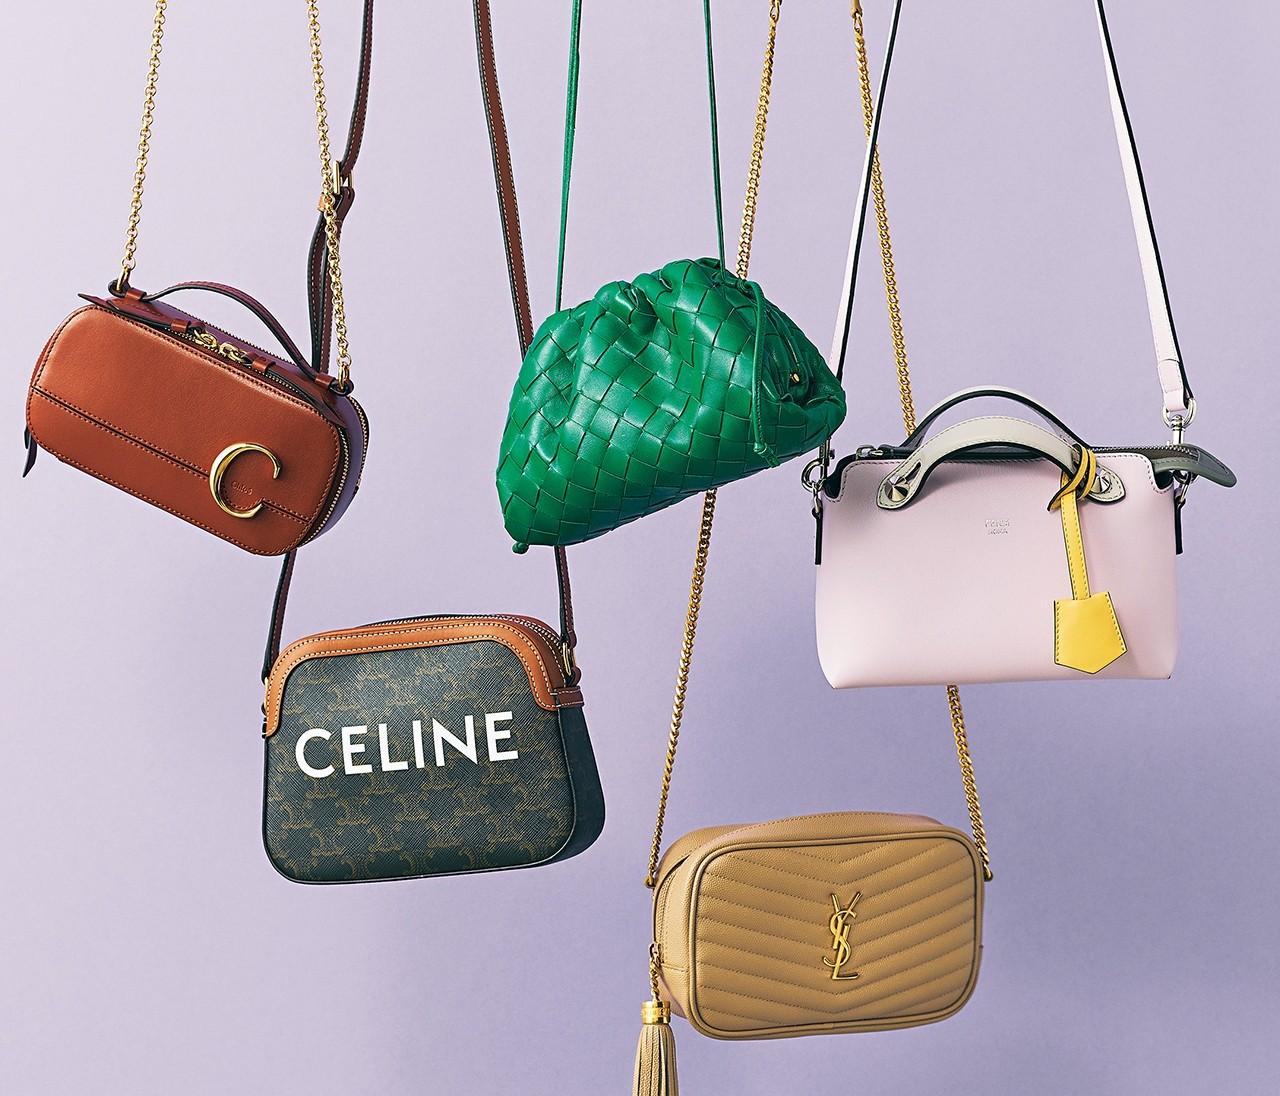 フェンディやサンローランなどハイブランドの新作バッグをまとめてチェック!